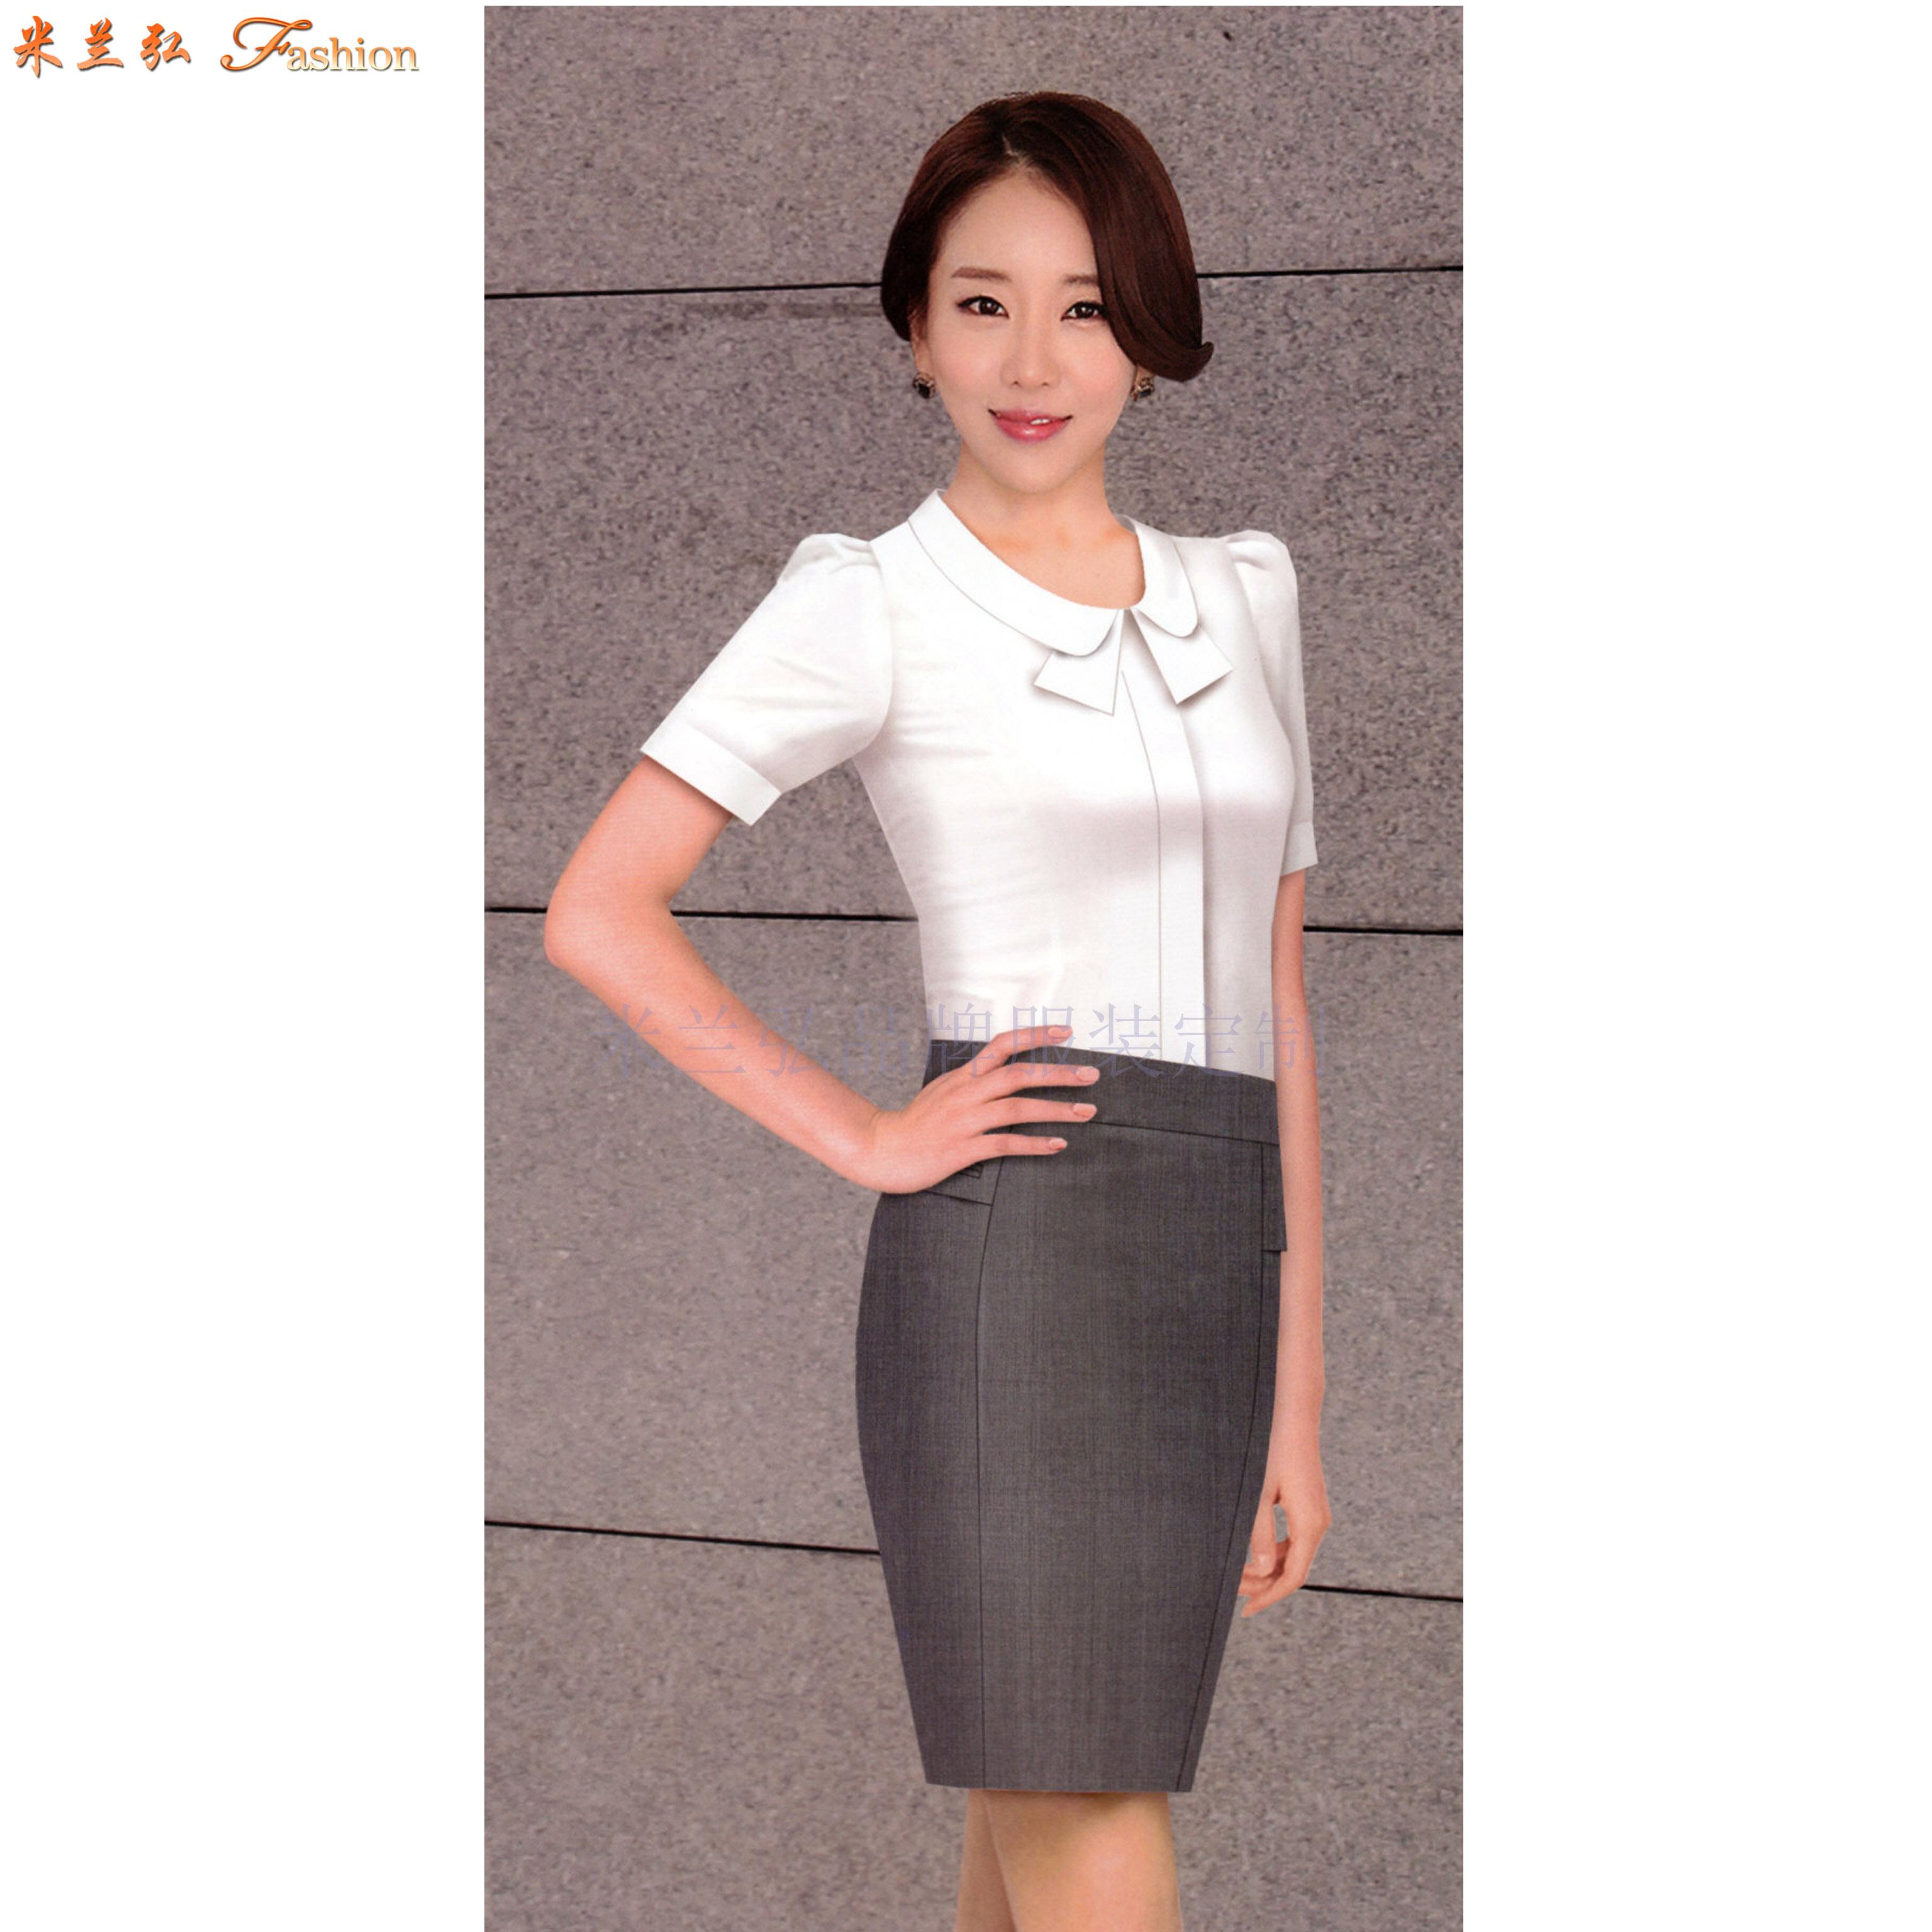 「短袖工作服」供应订制企业夏天凉爽短袖衬衫套装-米兰弘服装-2